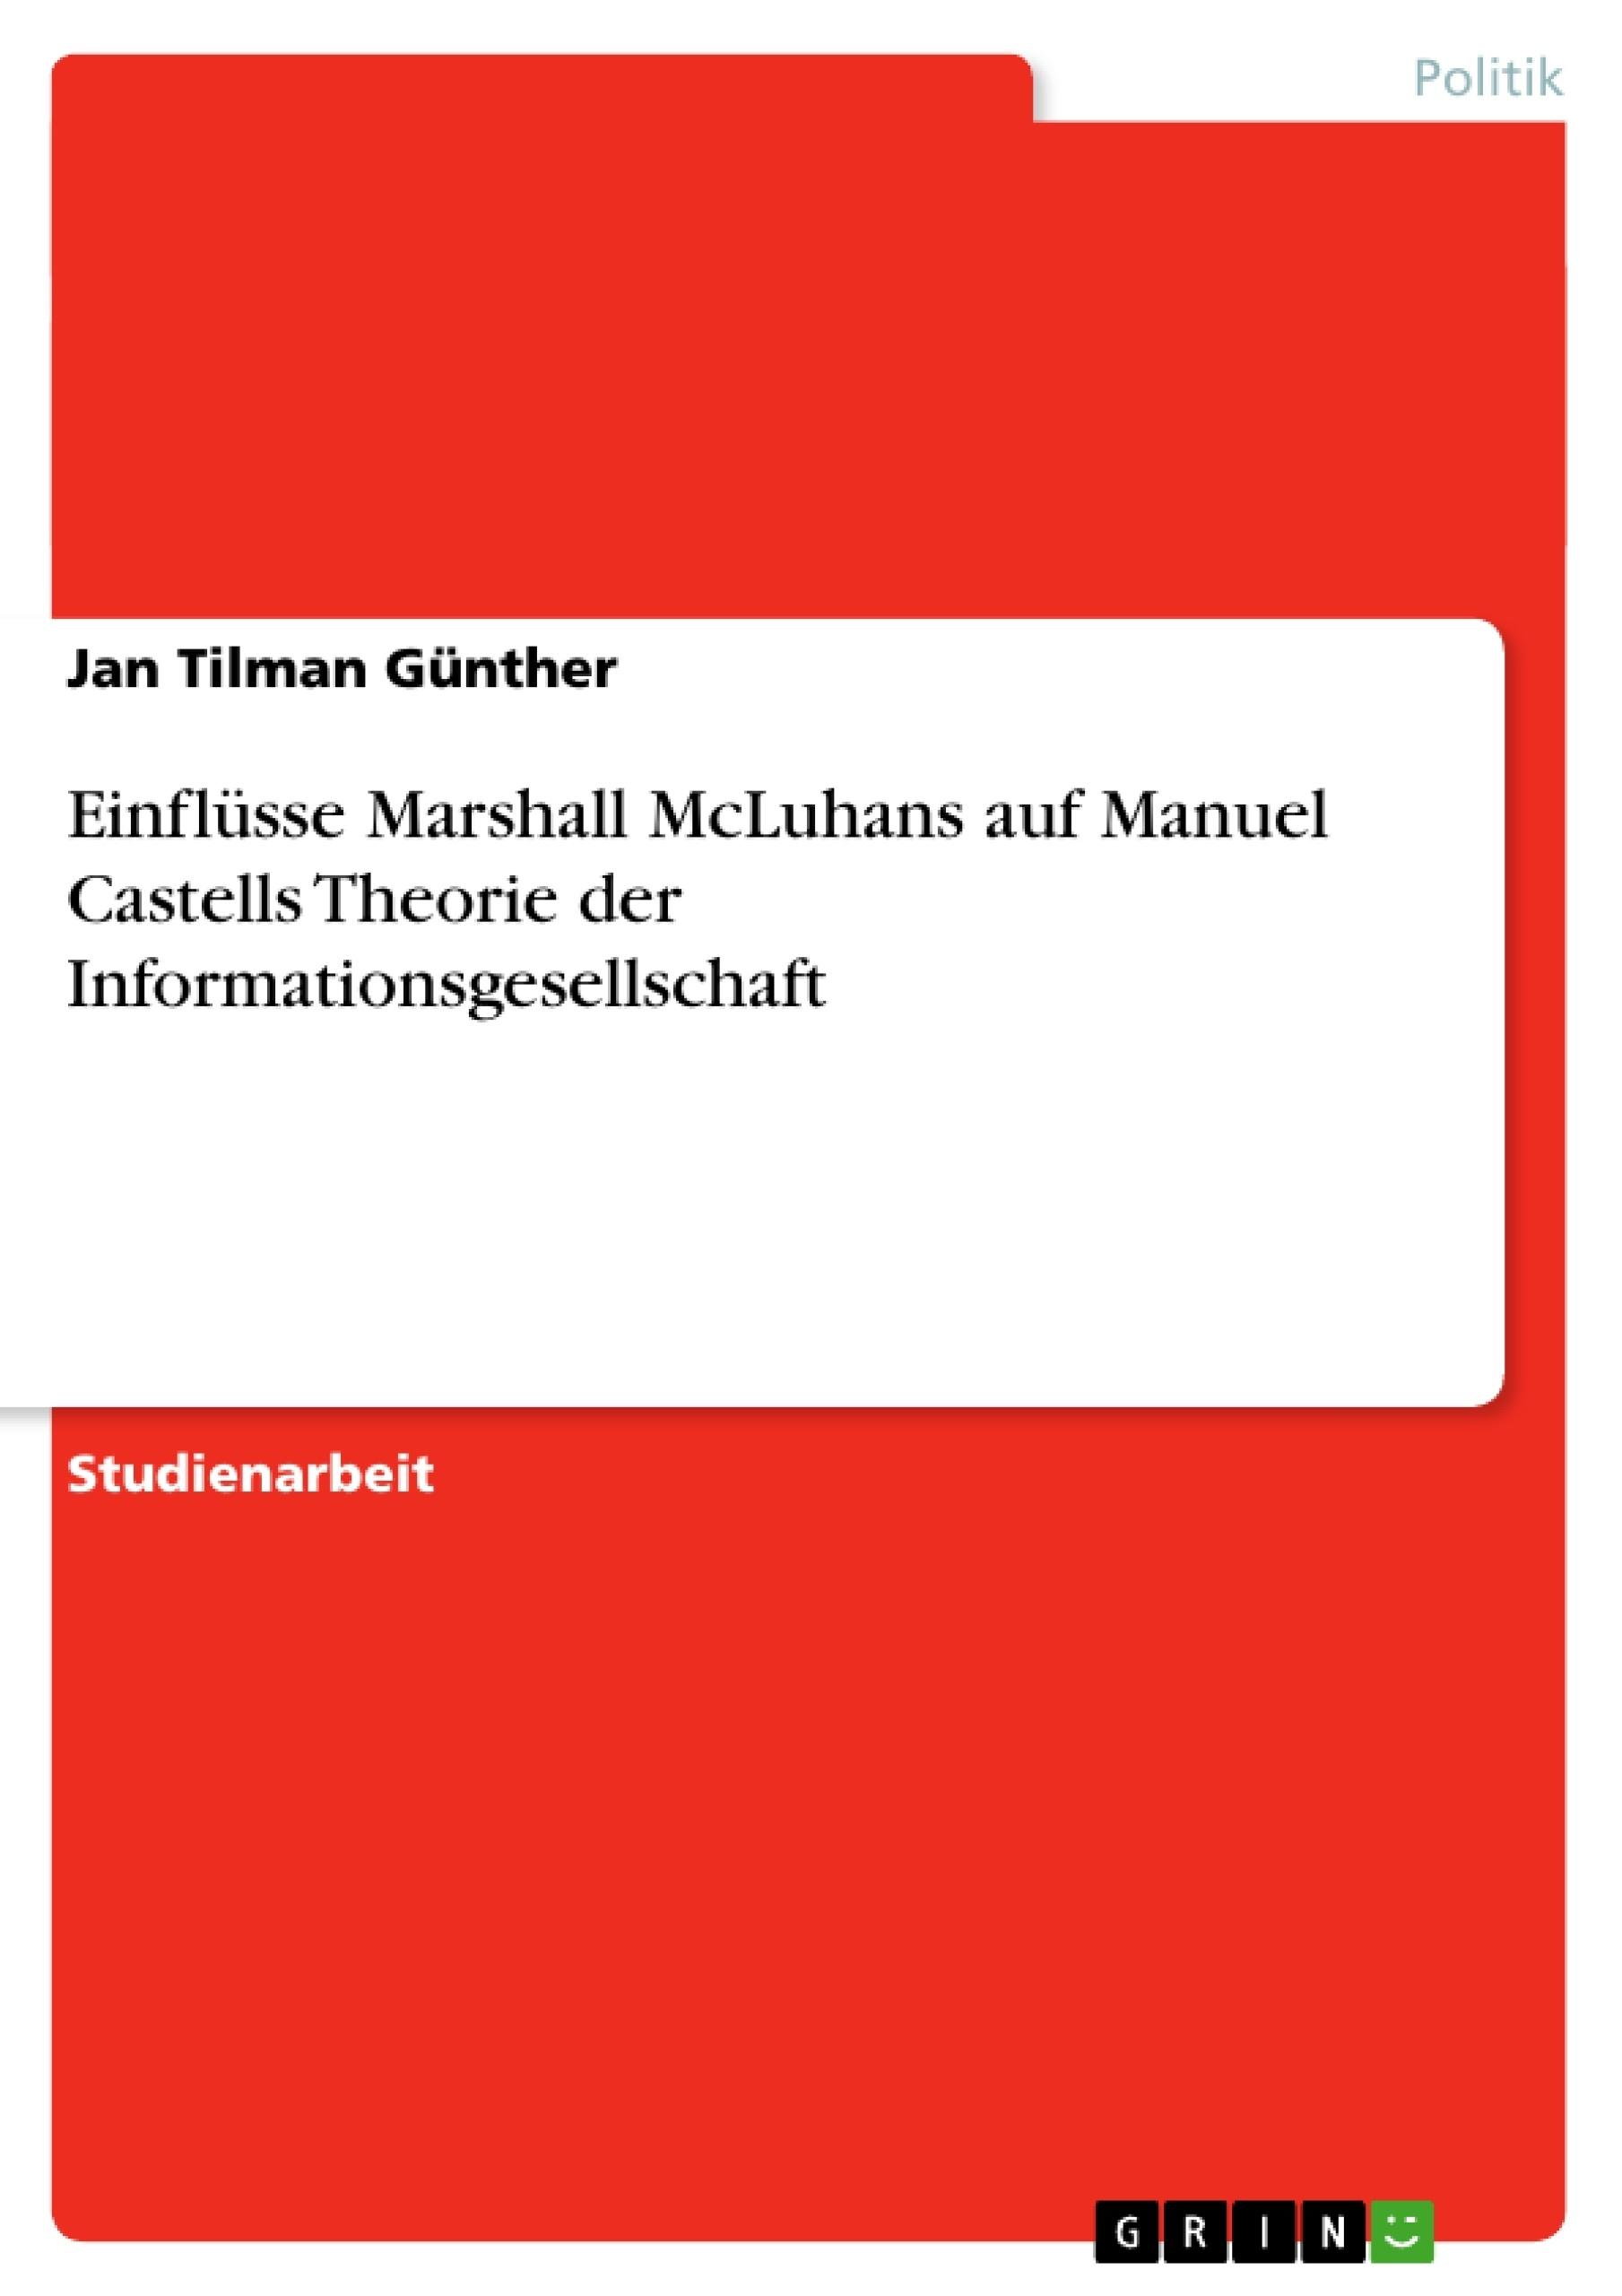 Titel: Einflüsse Marshall McLuhans auf Manuel Castells Theorie der Informationsgesellschaft